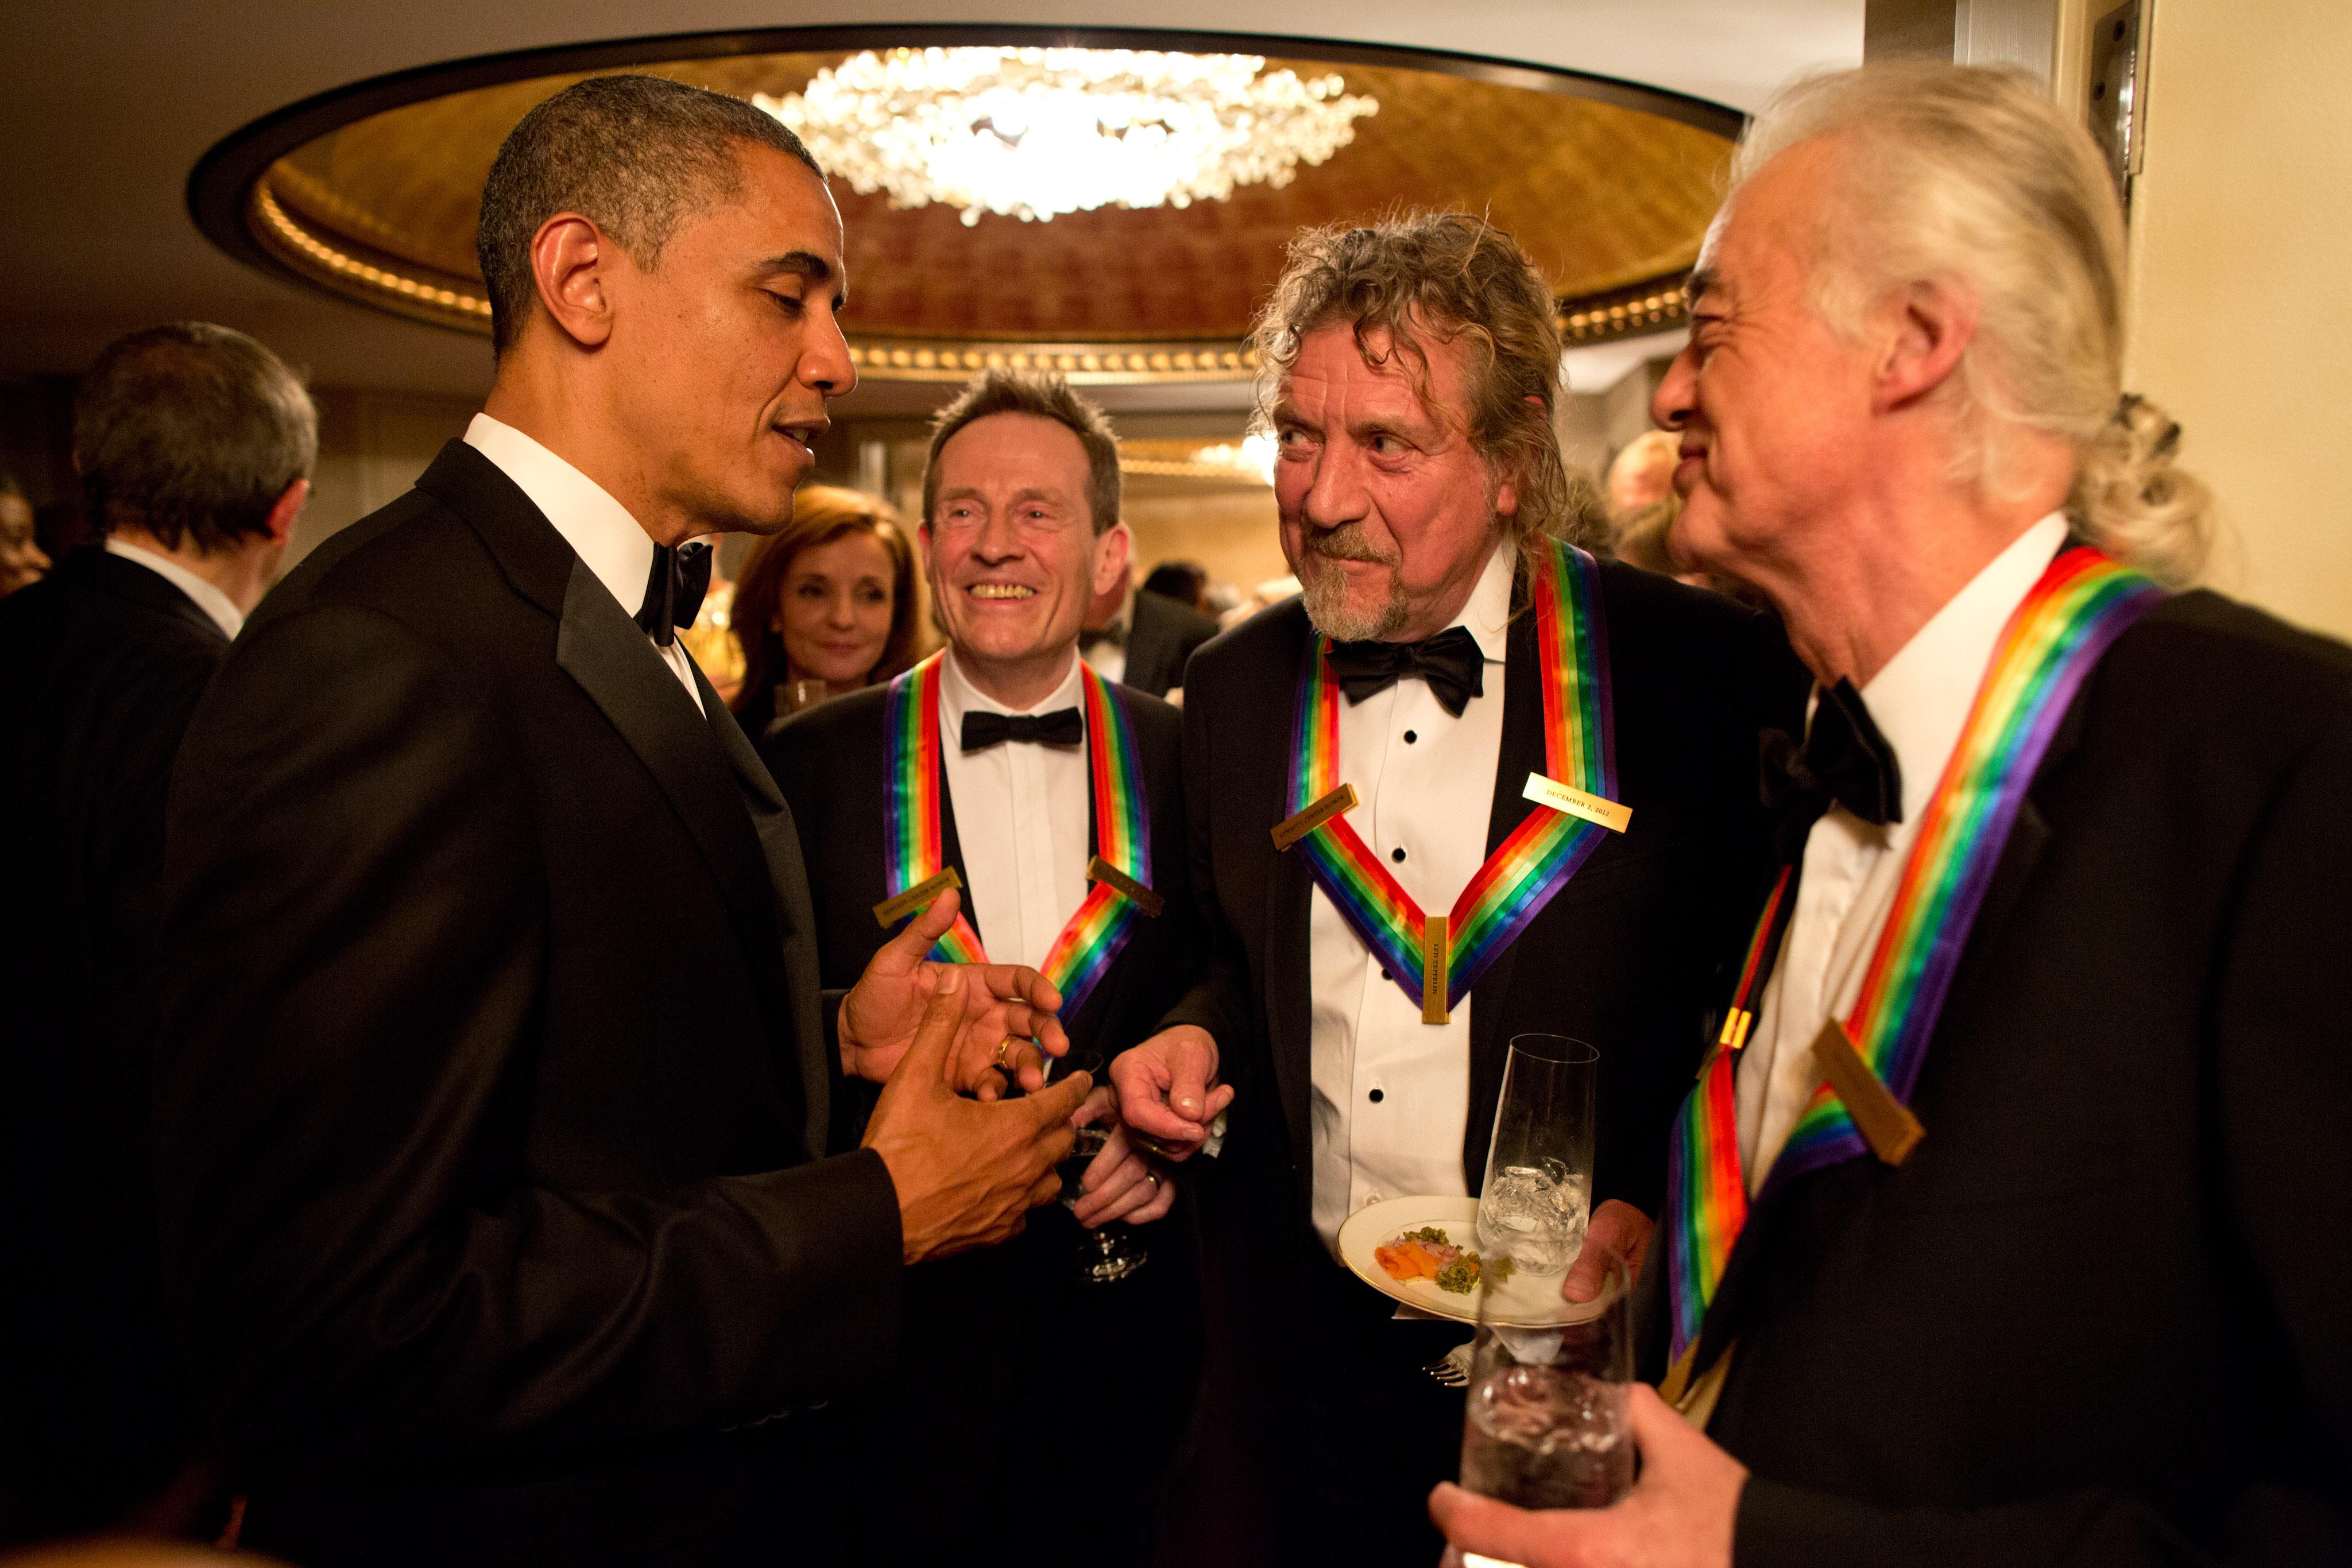 I tre Led Zeppelin superstiti con Barack Obama nel 2012 (fonte: Wikipedia.org)